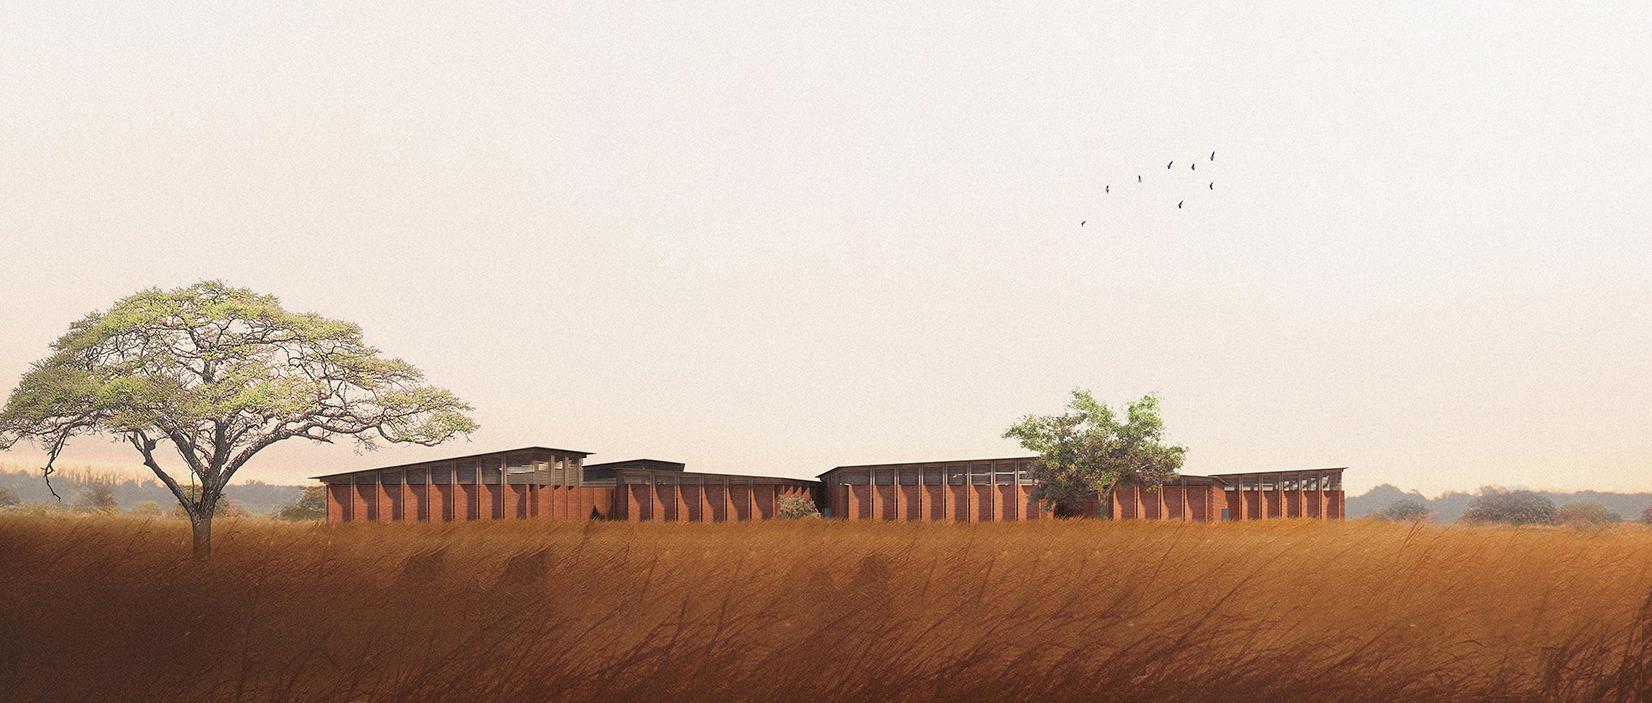 树之下:莫桑比克幼儿园设计竞赛